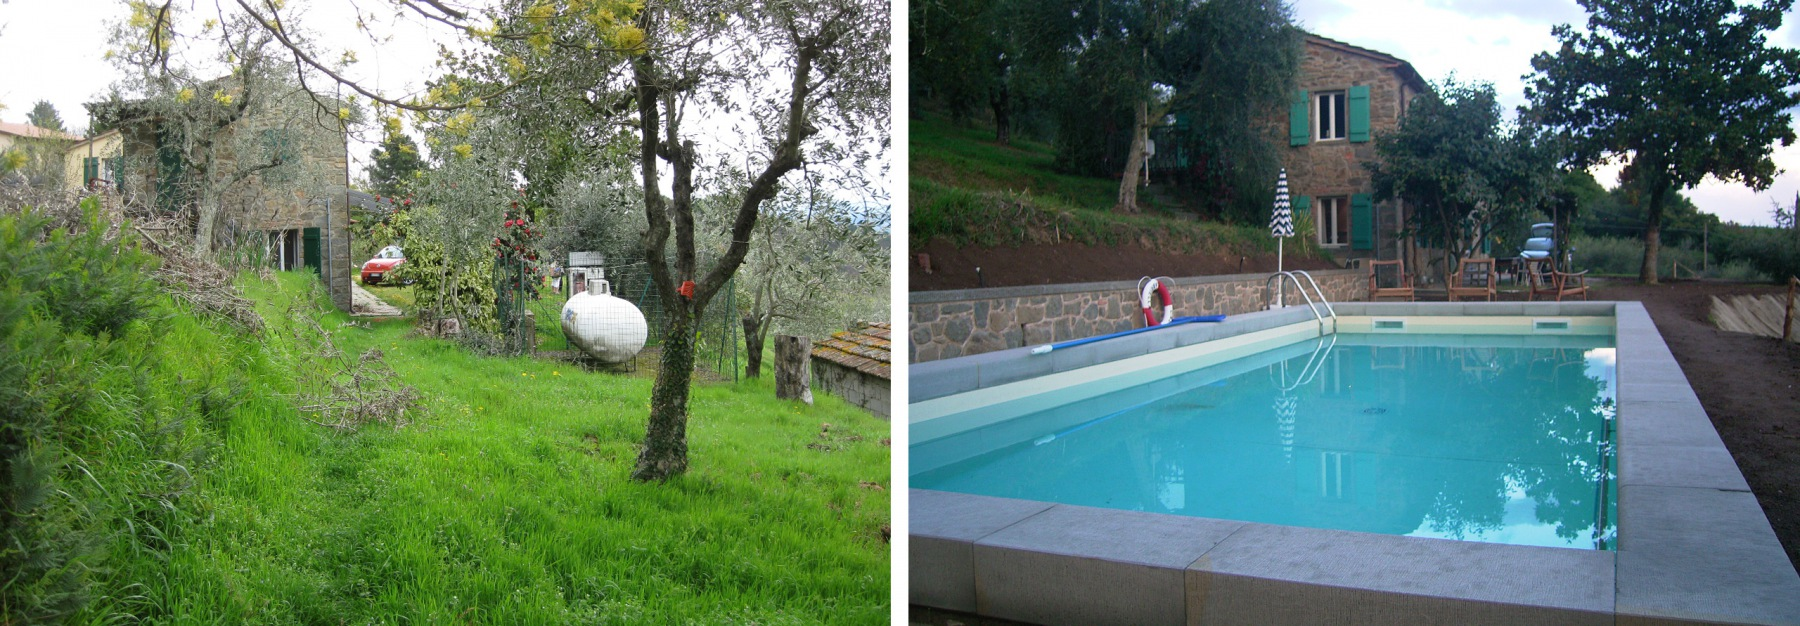 Um eine Fläche für den 4 x 8 Meter großen Pool zu schaffen, musste der Flüssig-Gastank, sowie zwei Olivenbäume versetzt werden